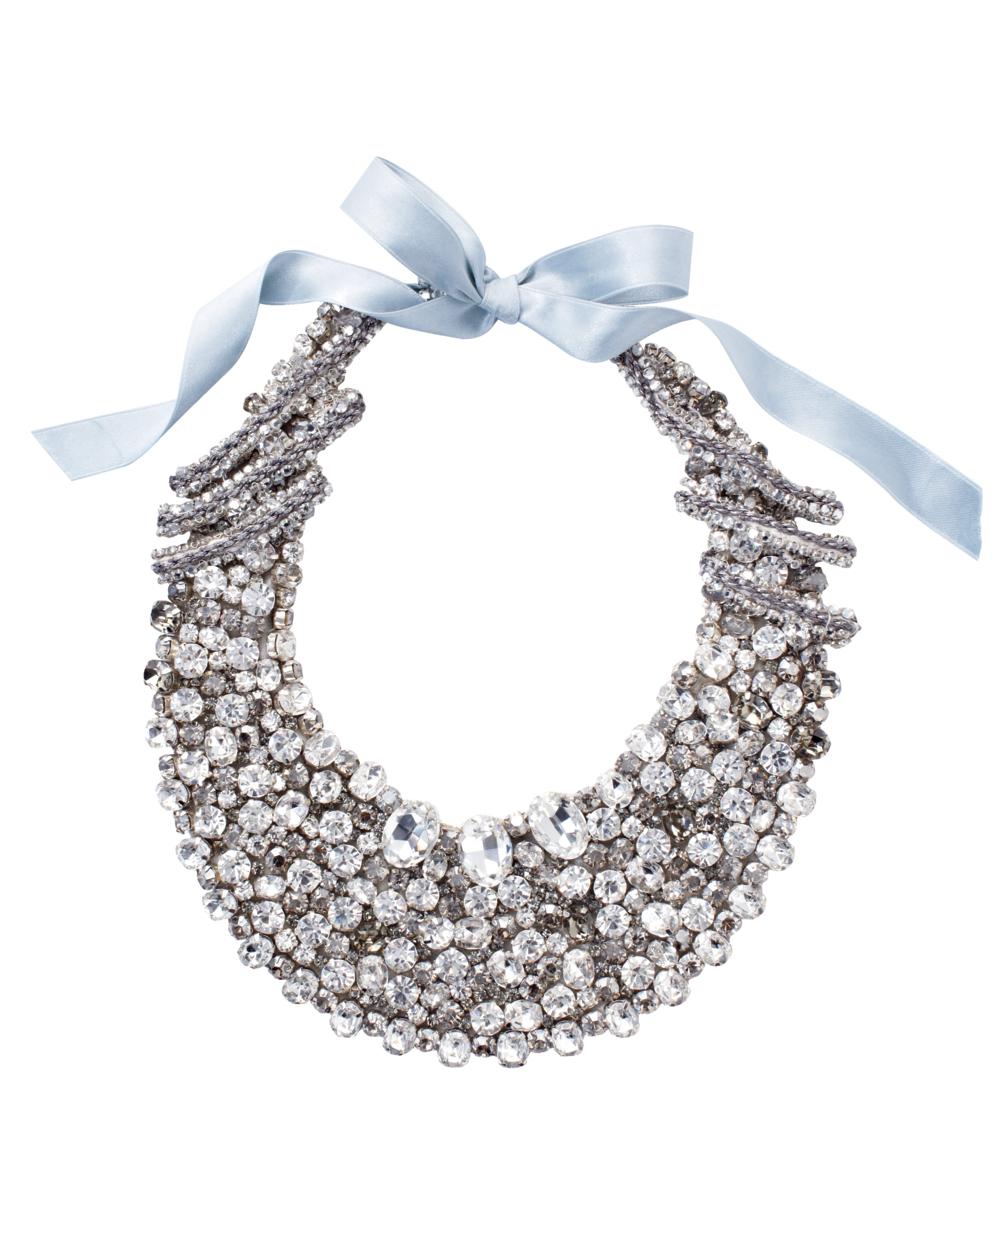 rivini-necklace-mwd107931.jpg